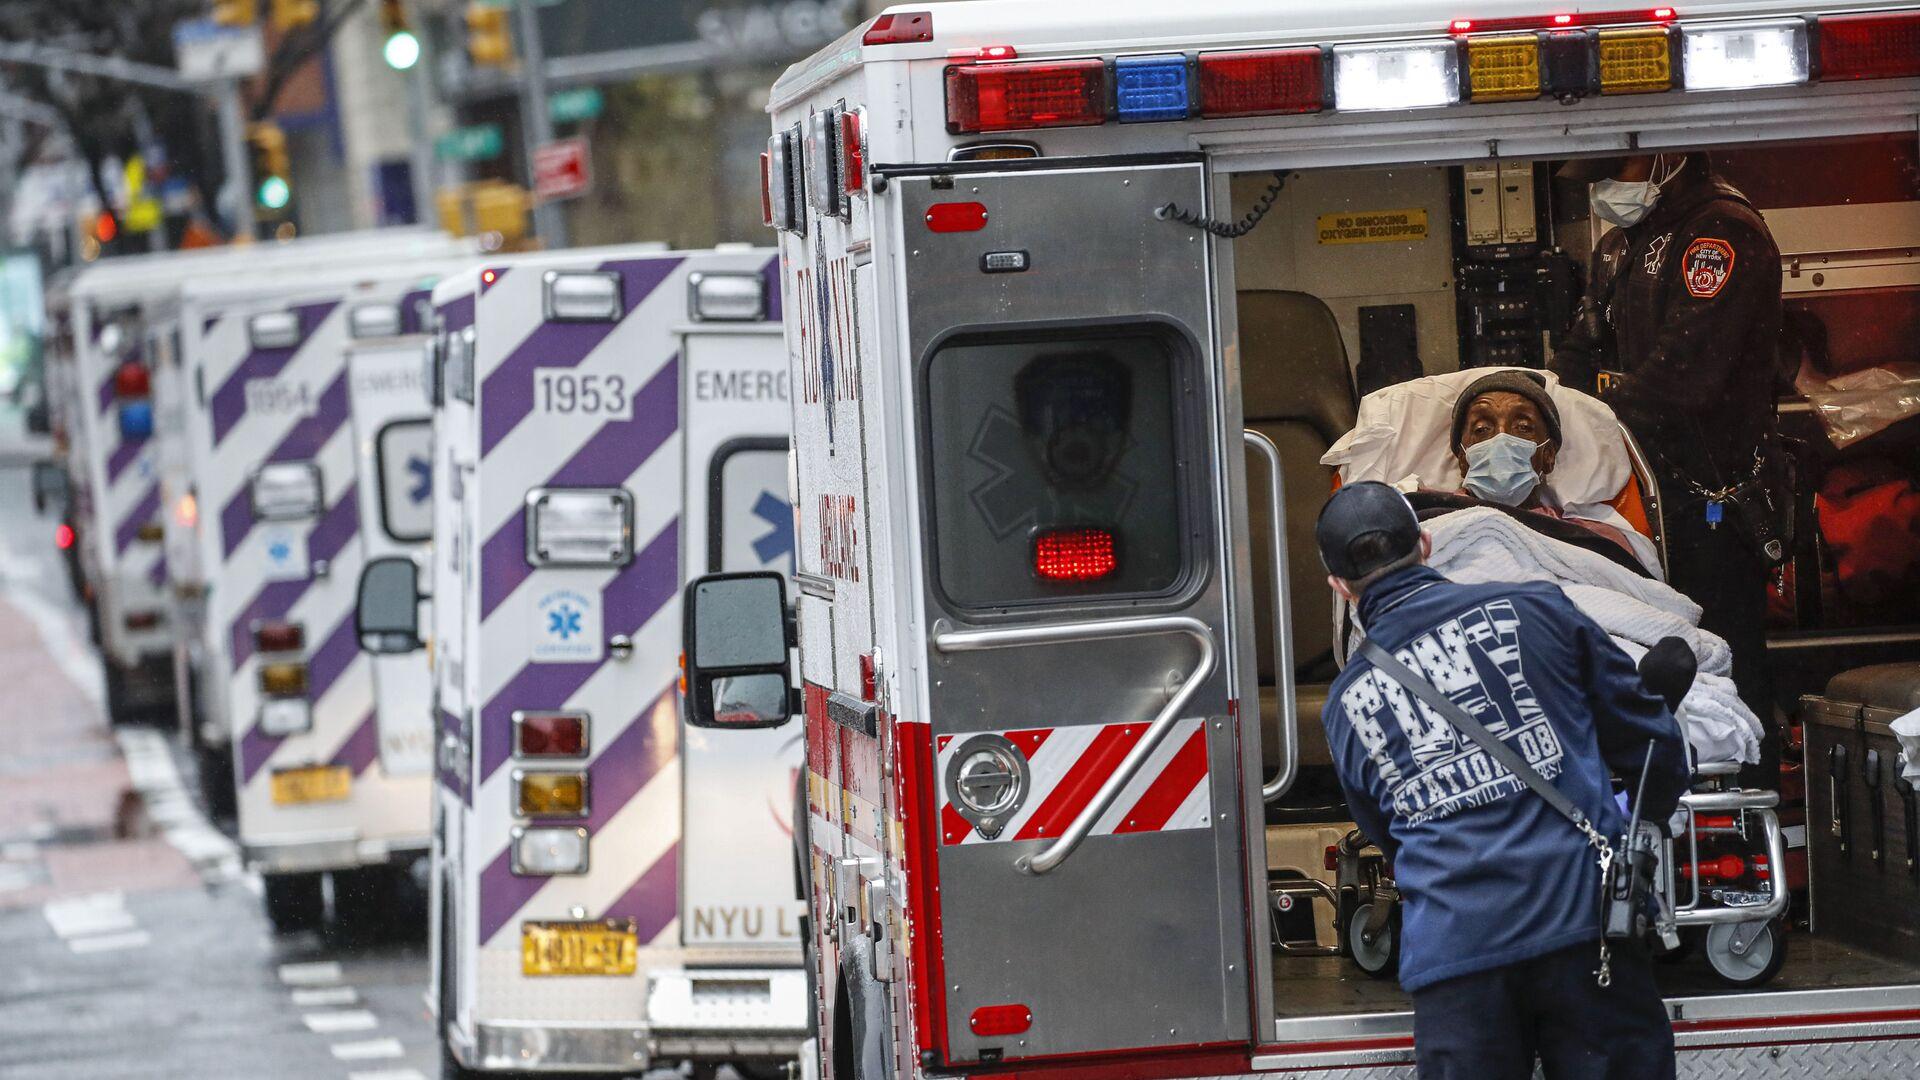 Ambulance v New Yorku - Sputnik Česká republika, 1920, 11.08.2021